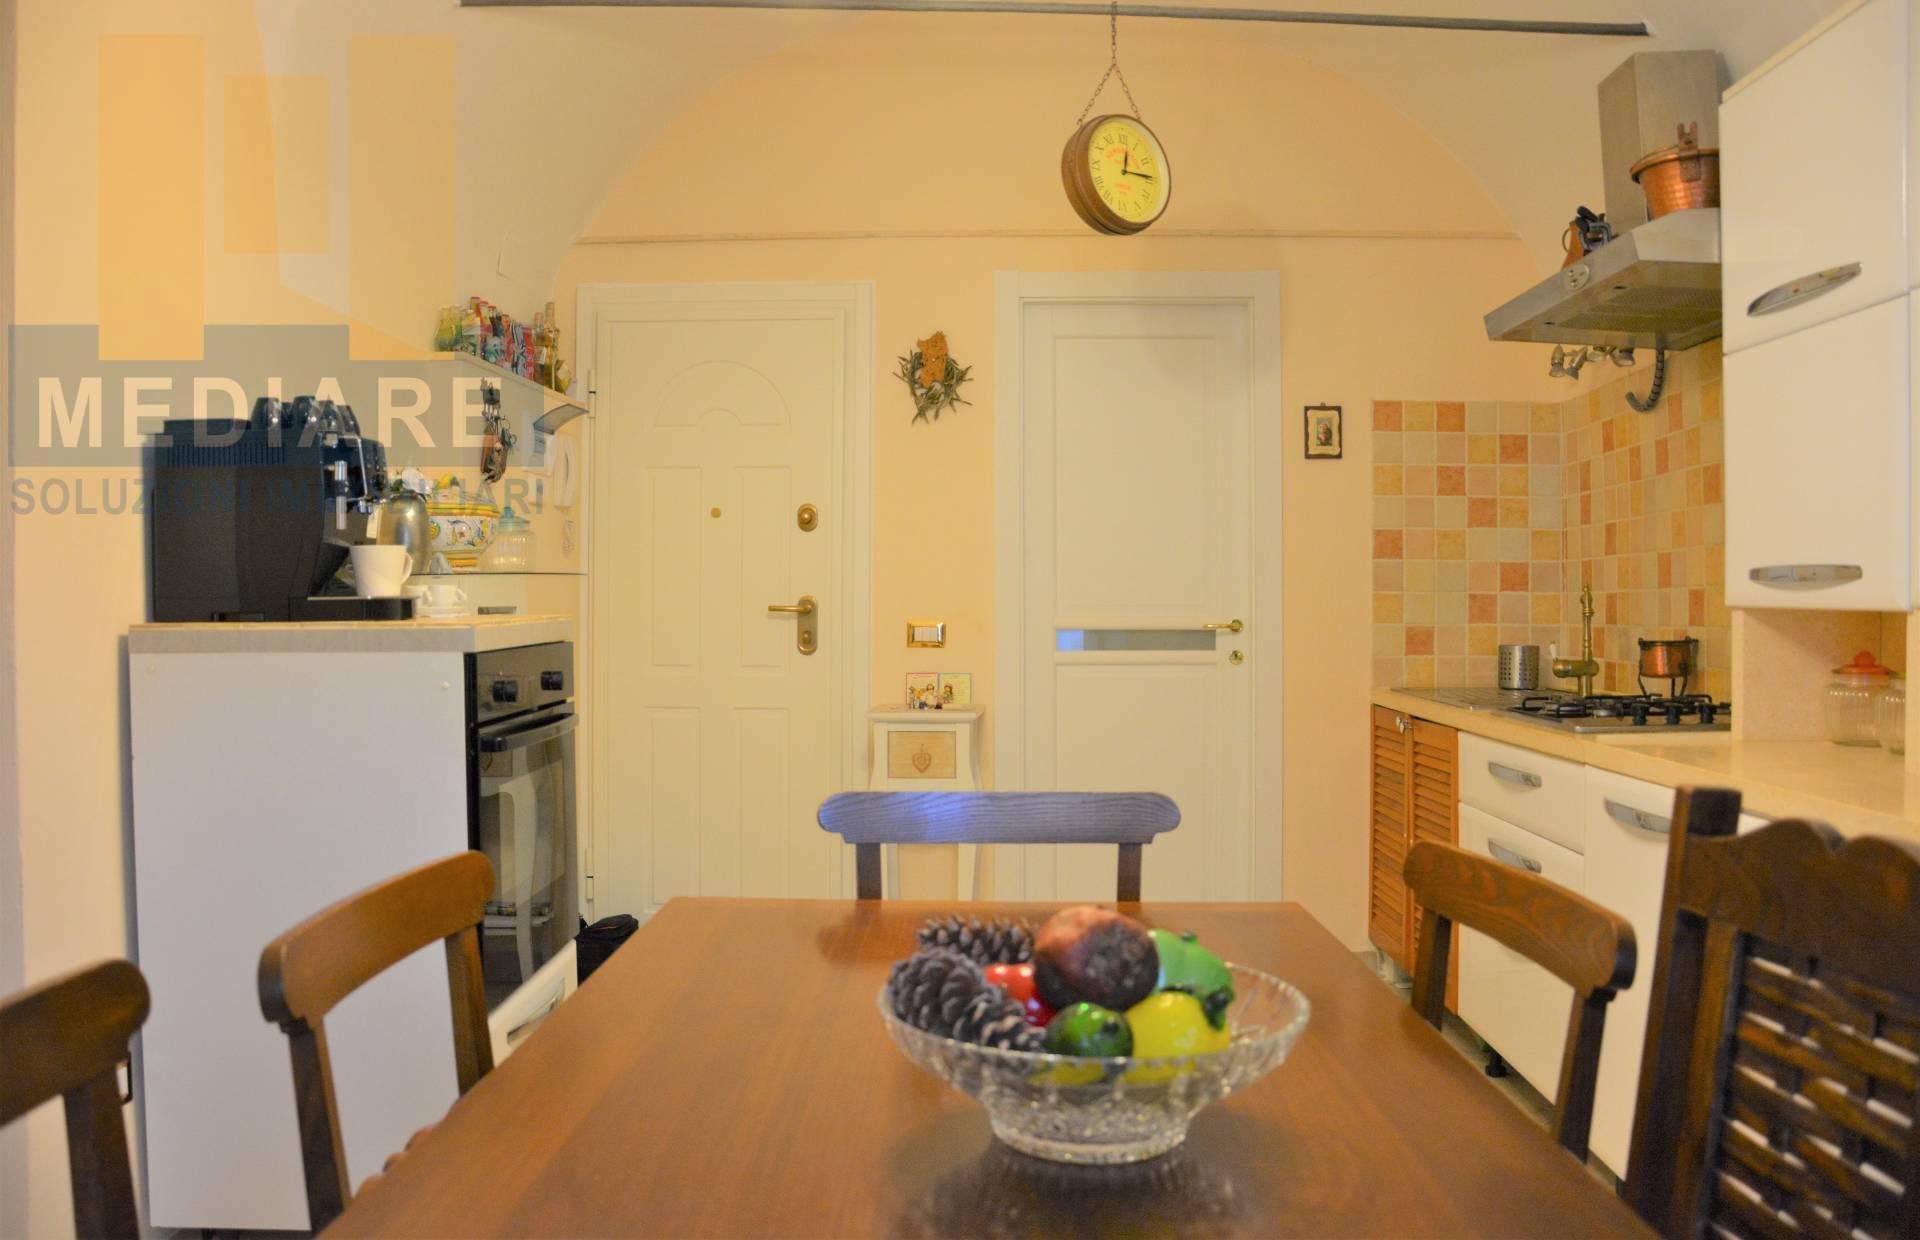 Appartamento in vendita a Finale Ligure, 3 locali, zona Zona: Finalborgo, prezzo € 167.000 | CambioCasa.it